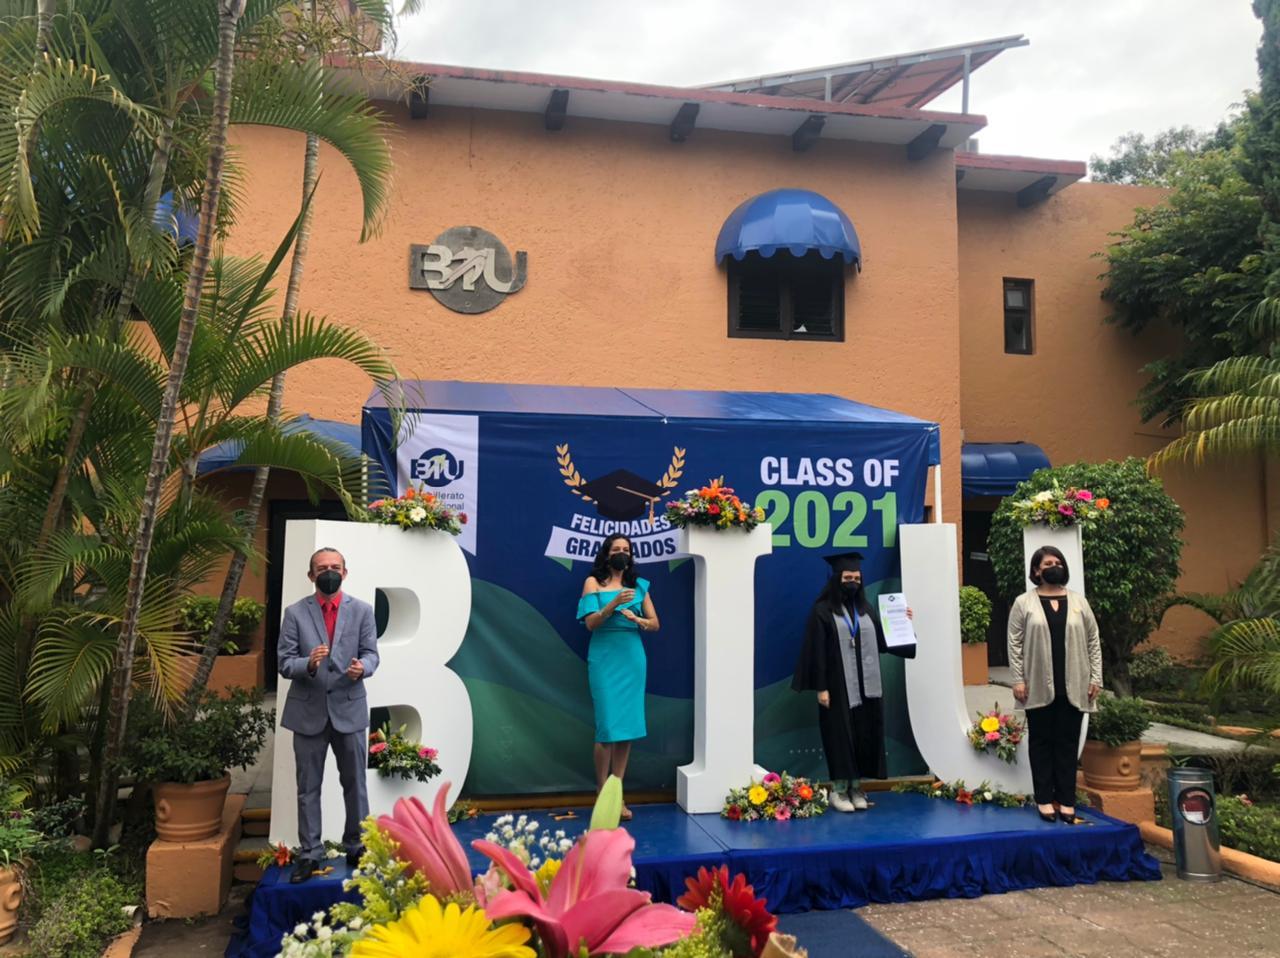 graduación biu